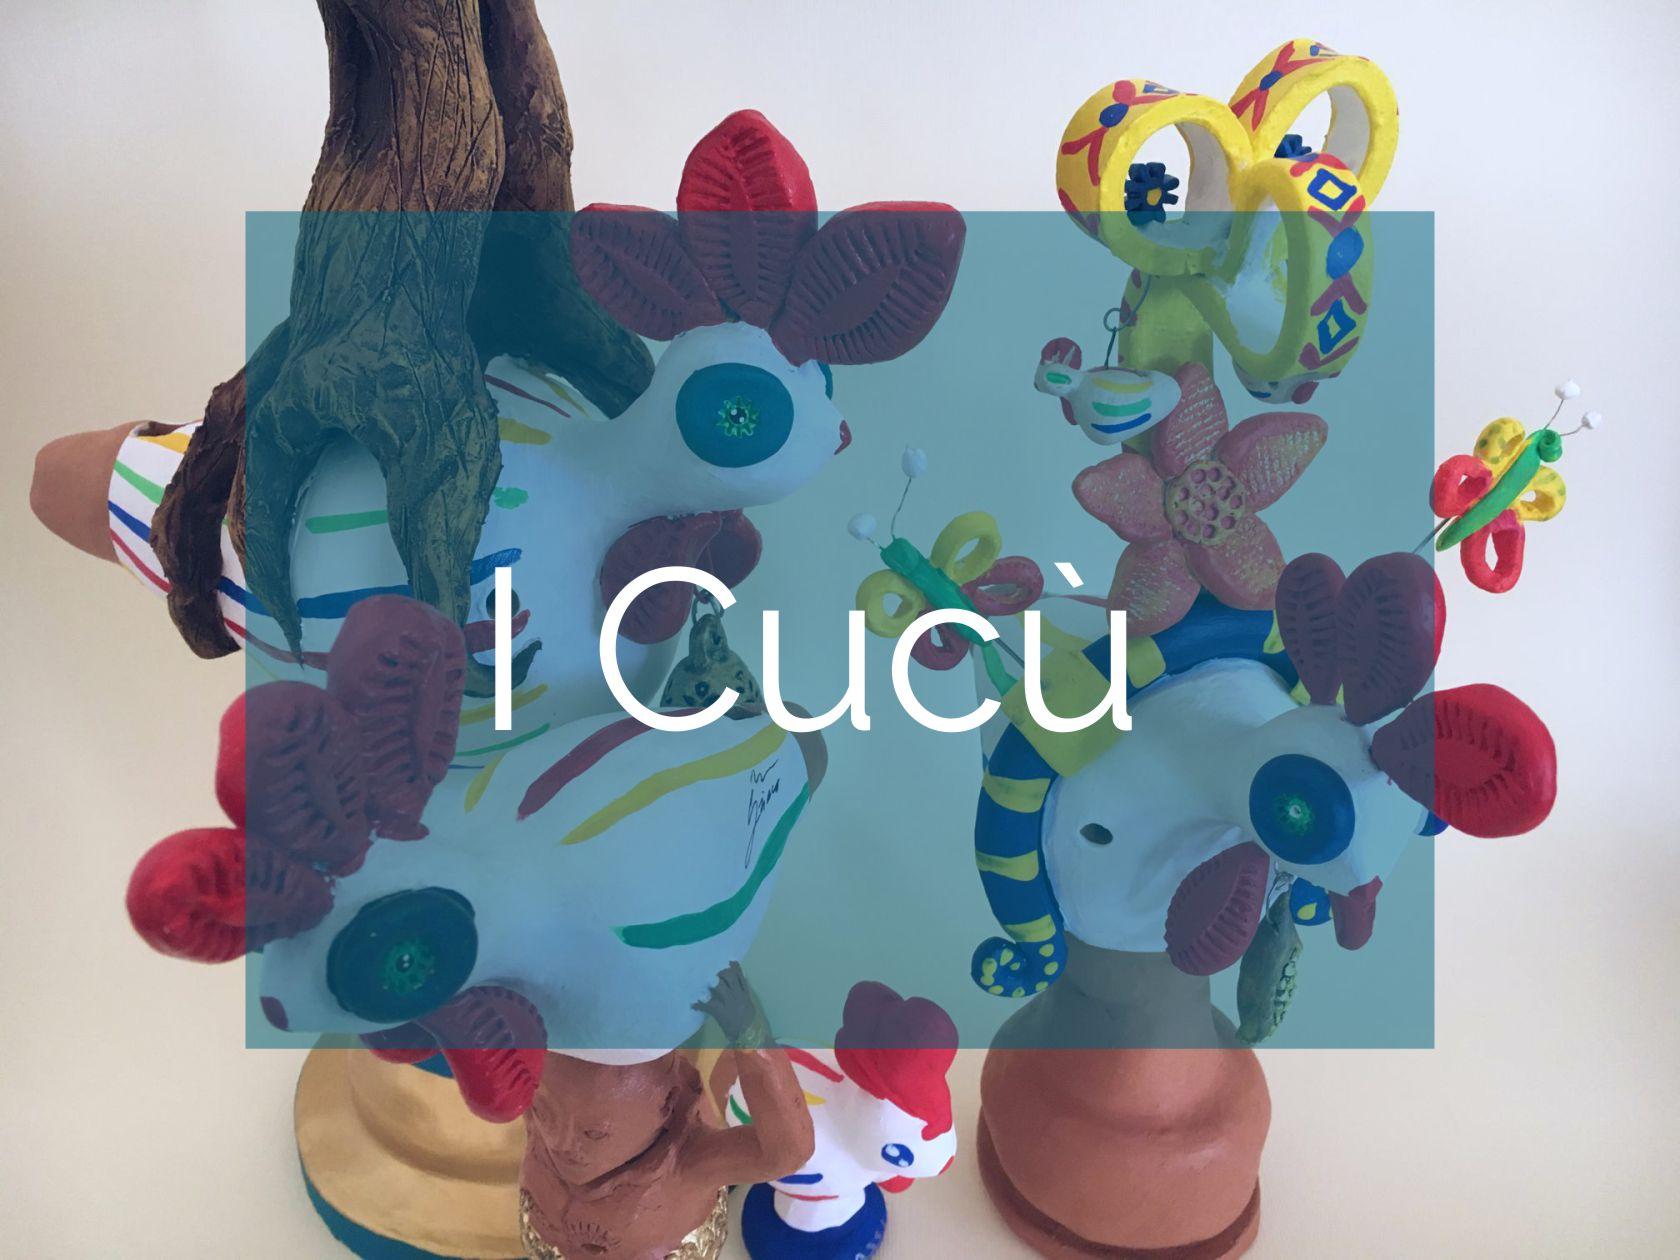 I Cucù